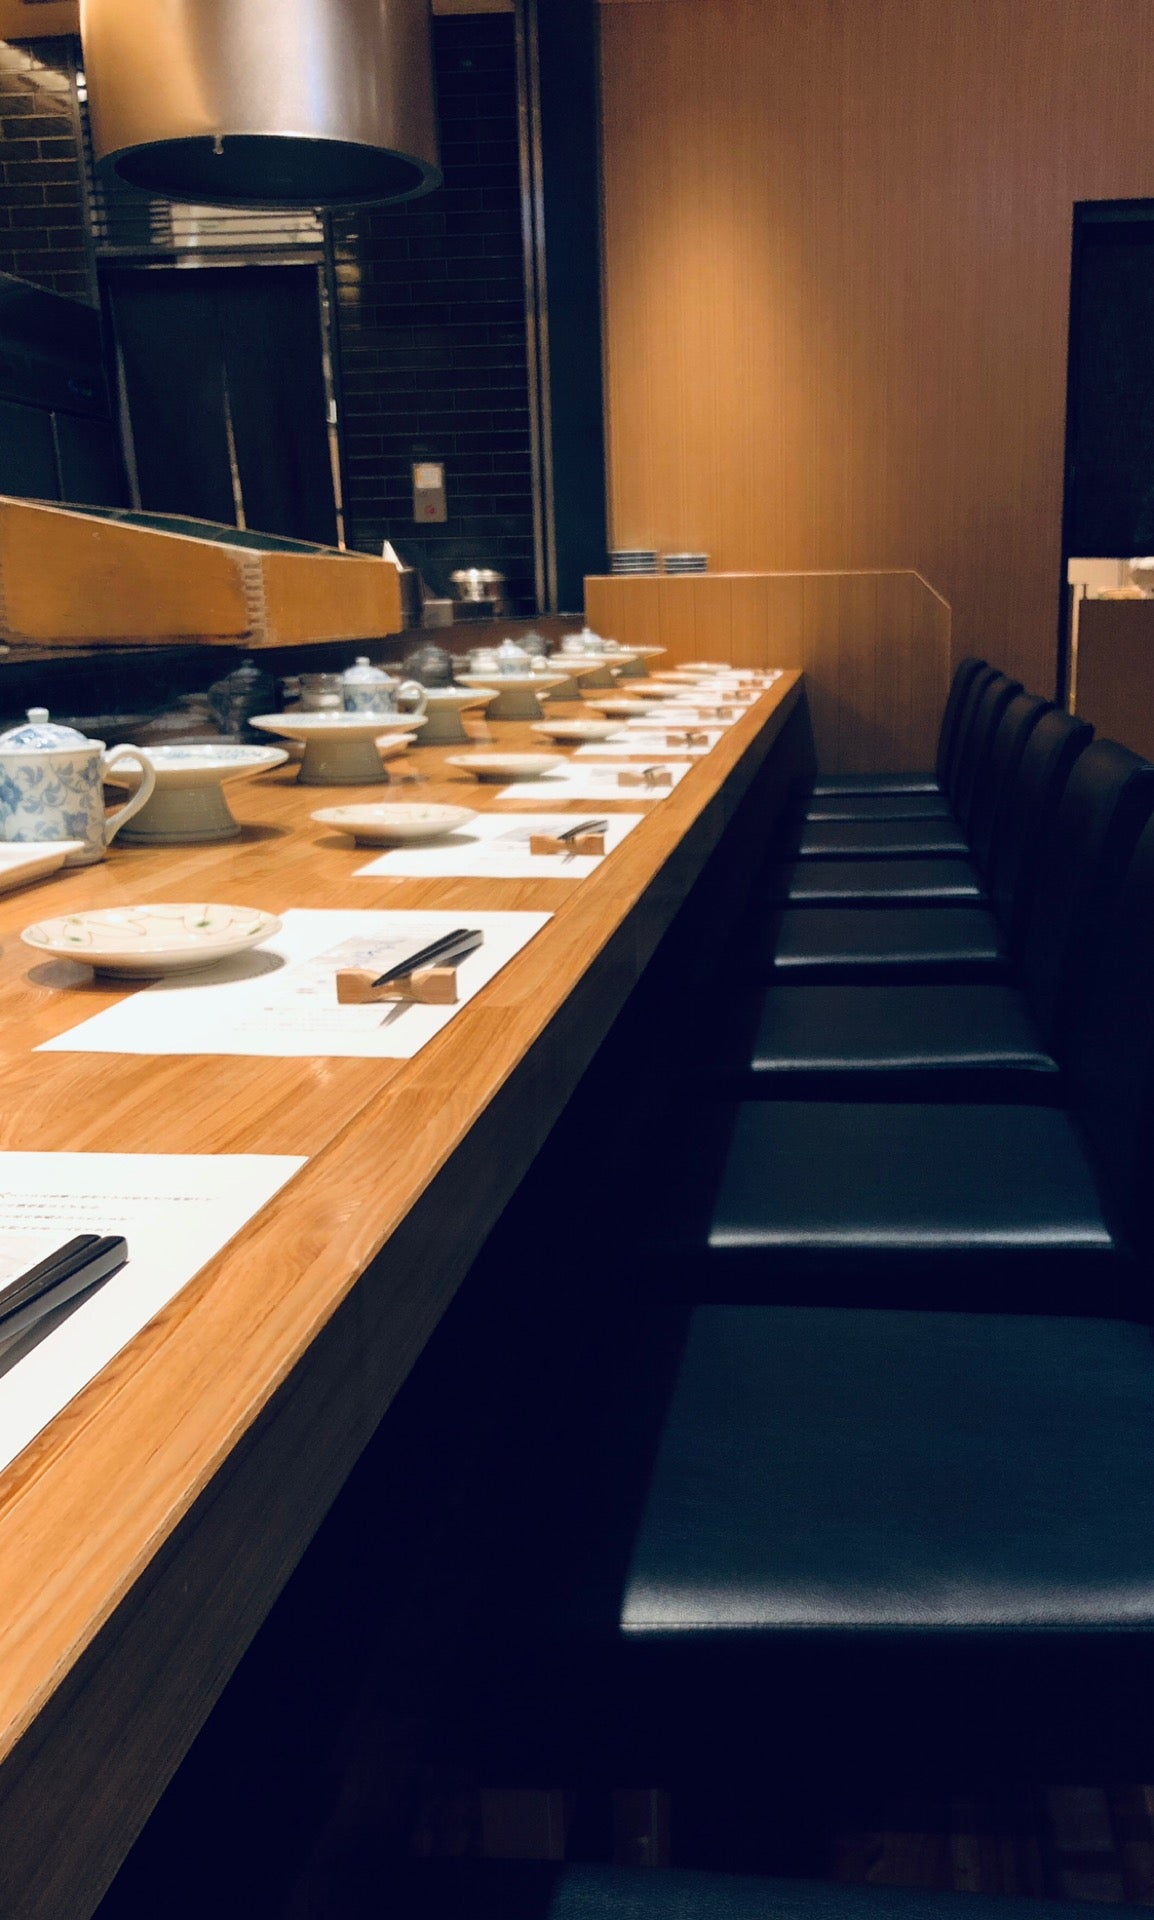 カウンターはすいてる (@ 天ぷら つな八 名古屋ゲートタワー店 in Nagoya-shi, 愛知県) https://t.co/Y5JZ8rSc5b https://t.co/GTgySjpwgX